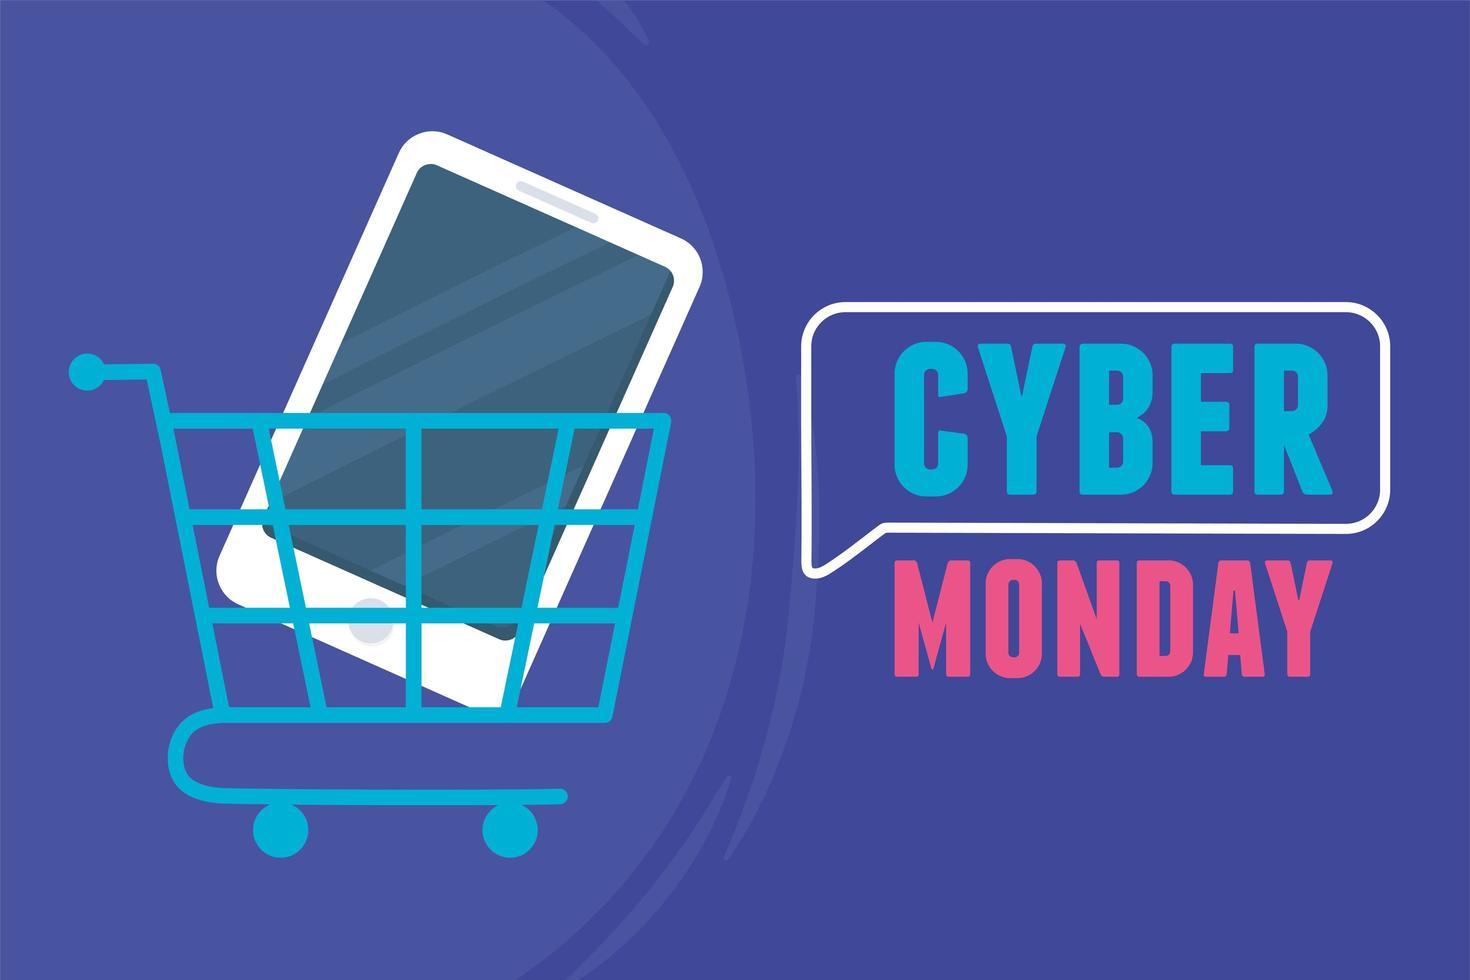 cyber segunda-feira. smartphone dentro do carrinho de compras vetor